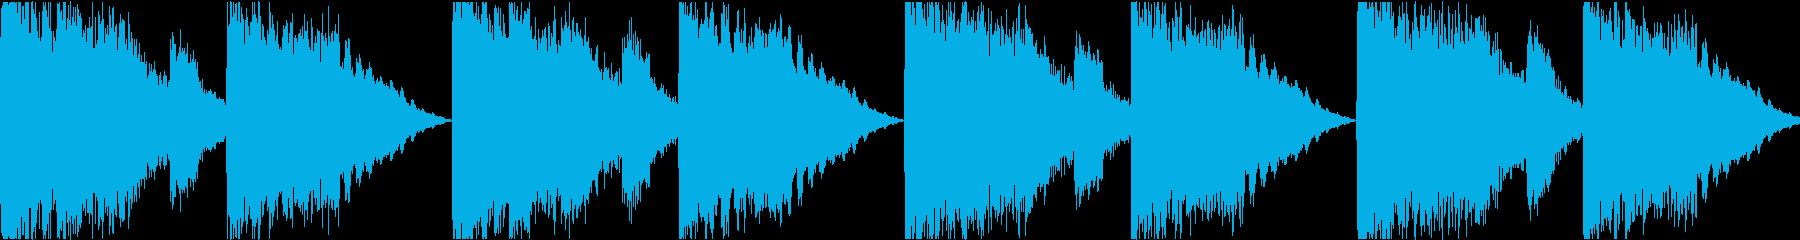 サイレン siren 警報 アラート 5の再生済みの波形